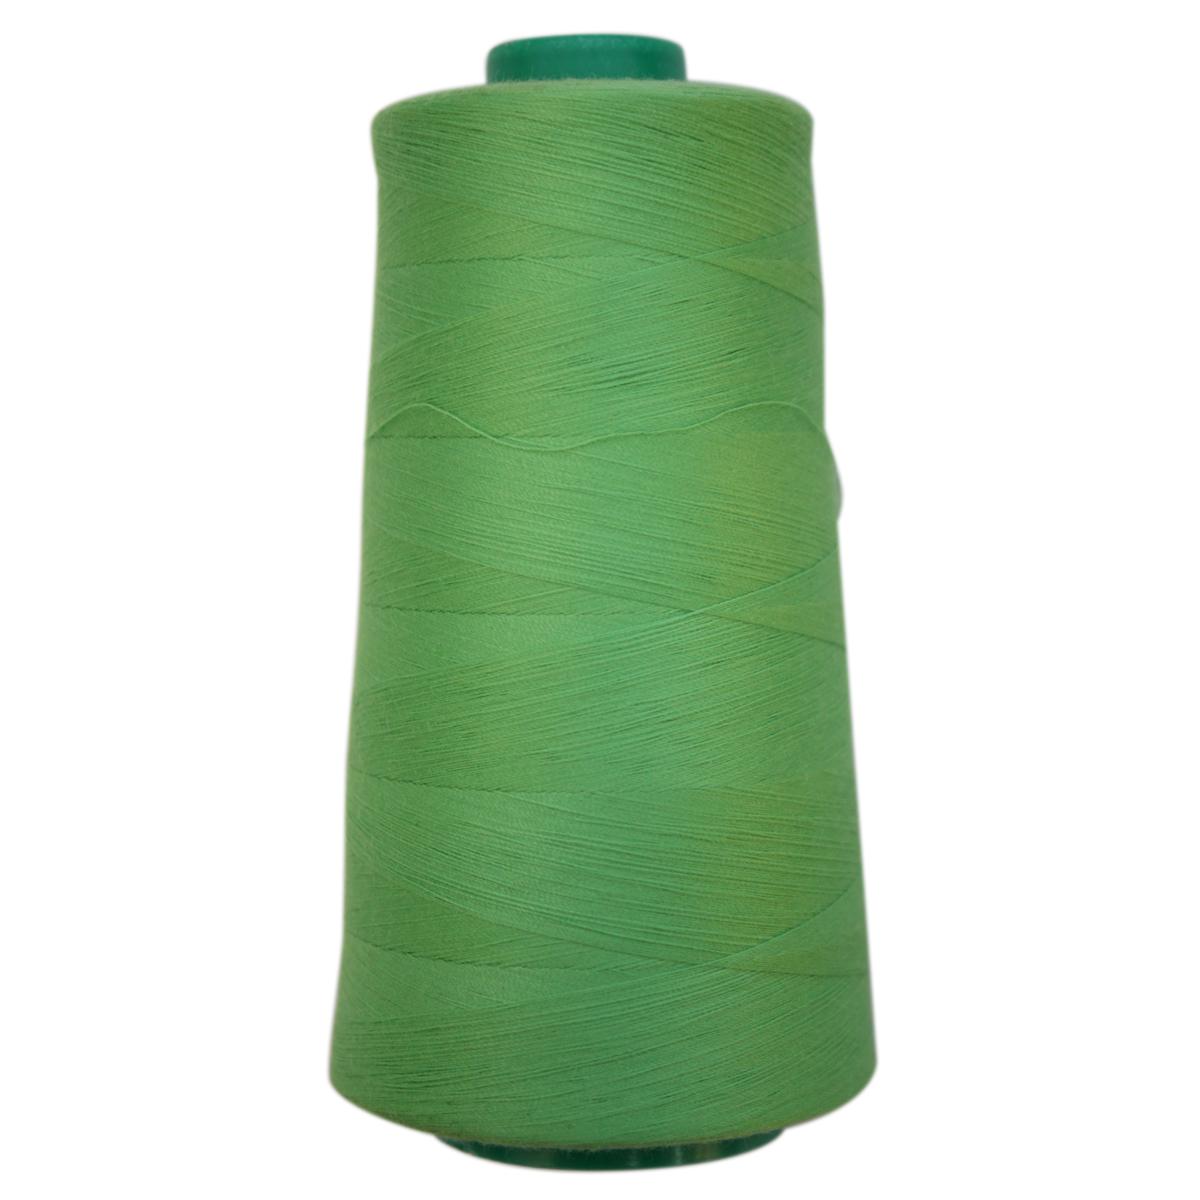 Нитки для шитья Bestex 50/2, 5000 ярд, цвет: люминесц.зеленый (131)7700936-131Сфера использования: трикотаж; ткани малого веса; оверлочные швы; отделка краев; вышивка. Размер игл №70-80